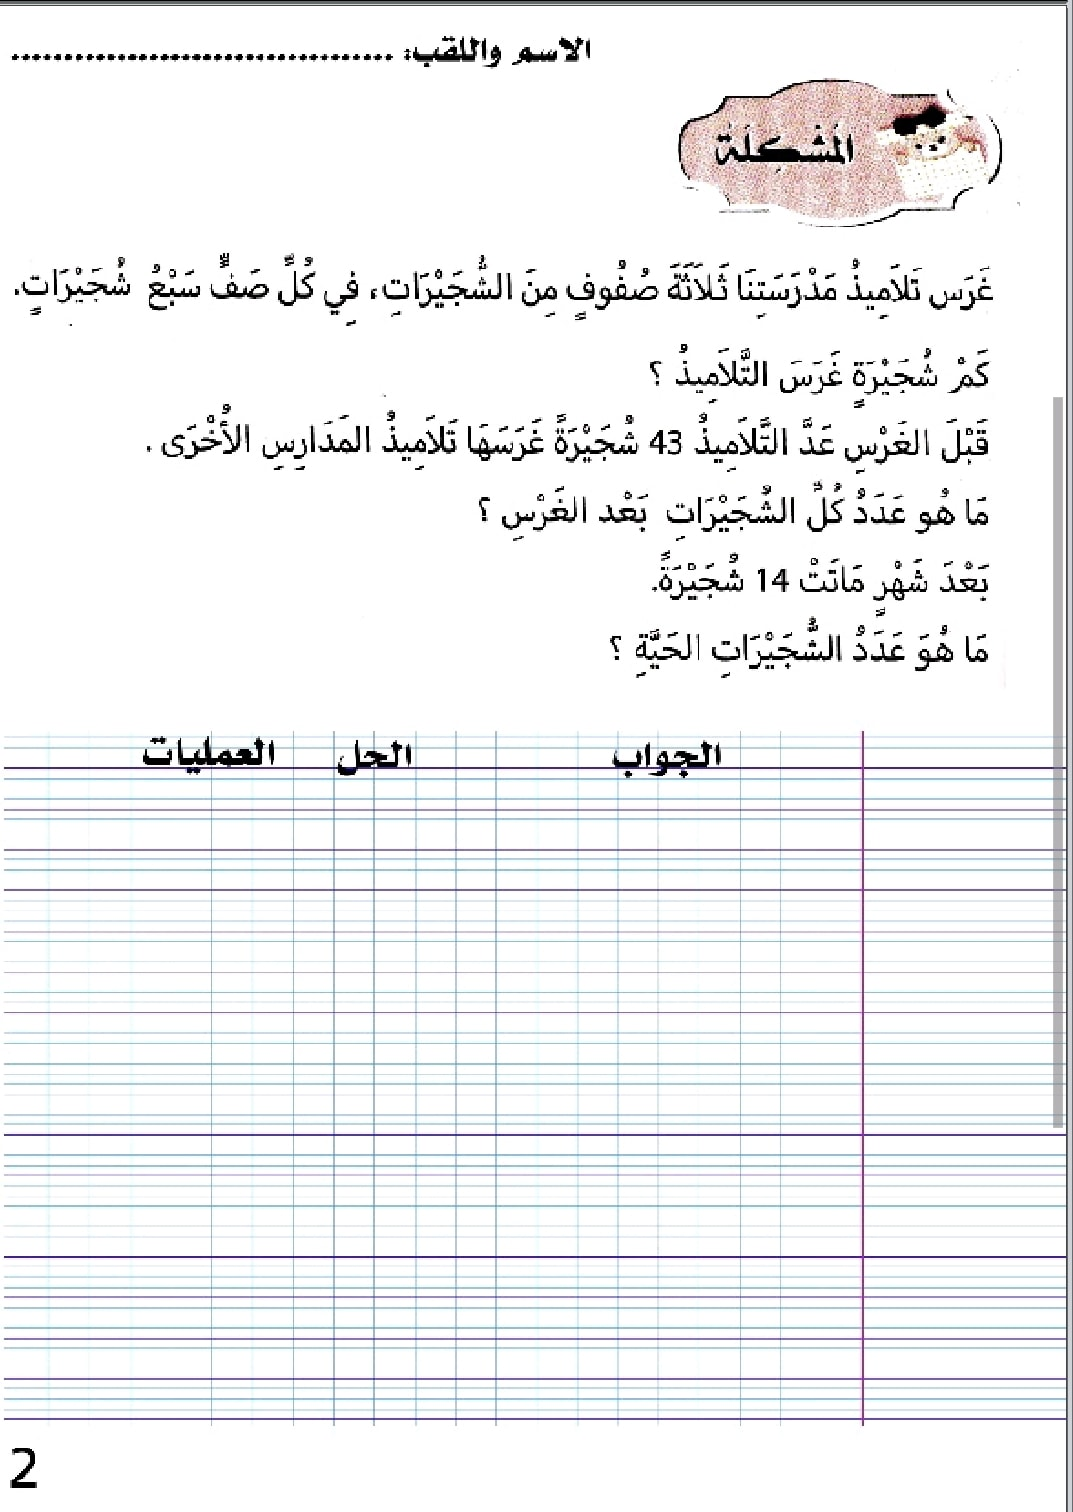 اختبار الفصل الثاني في مادة الرياضيات | السنة الثالثة ابتدائي | الموضوع 01